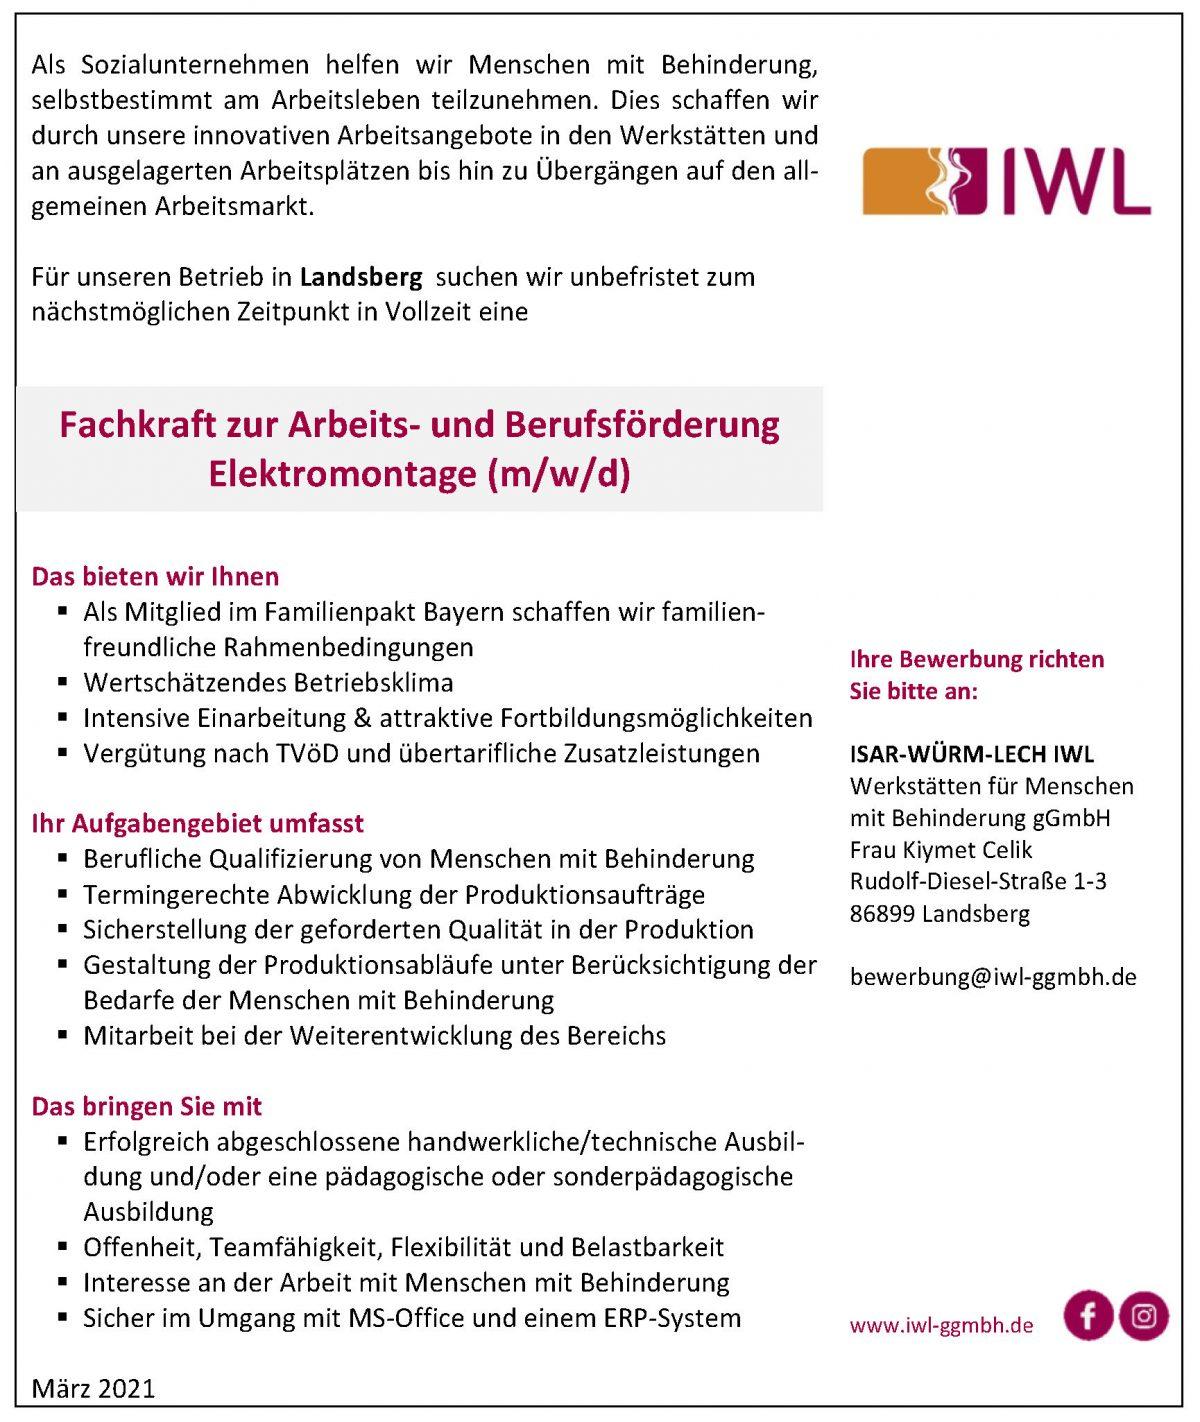 Stellenanzeige IWL Landsberg Fachkraft zur Arbeits- und Berufsförderung Elektromontage